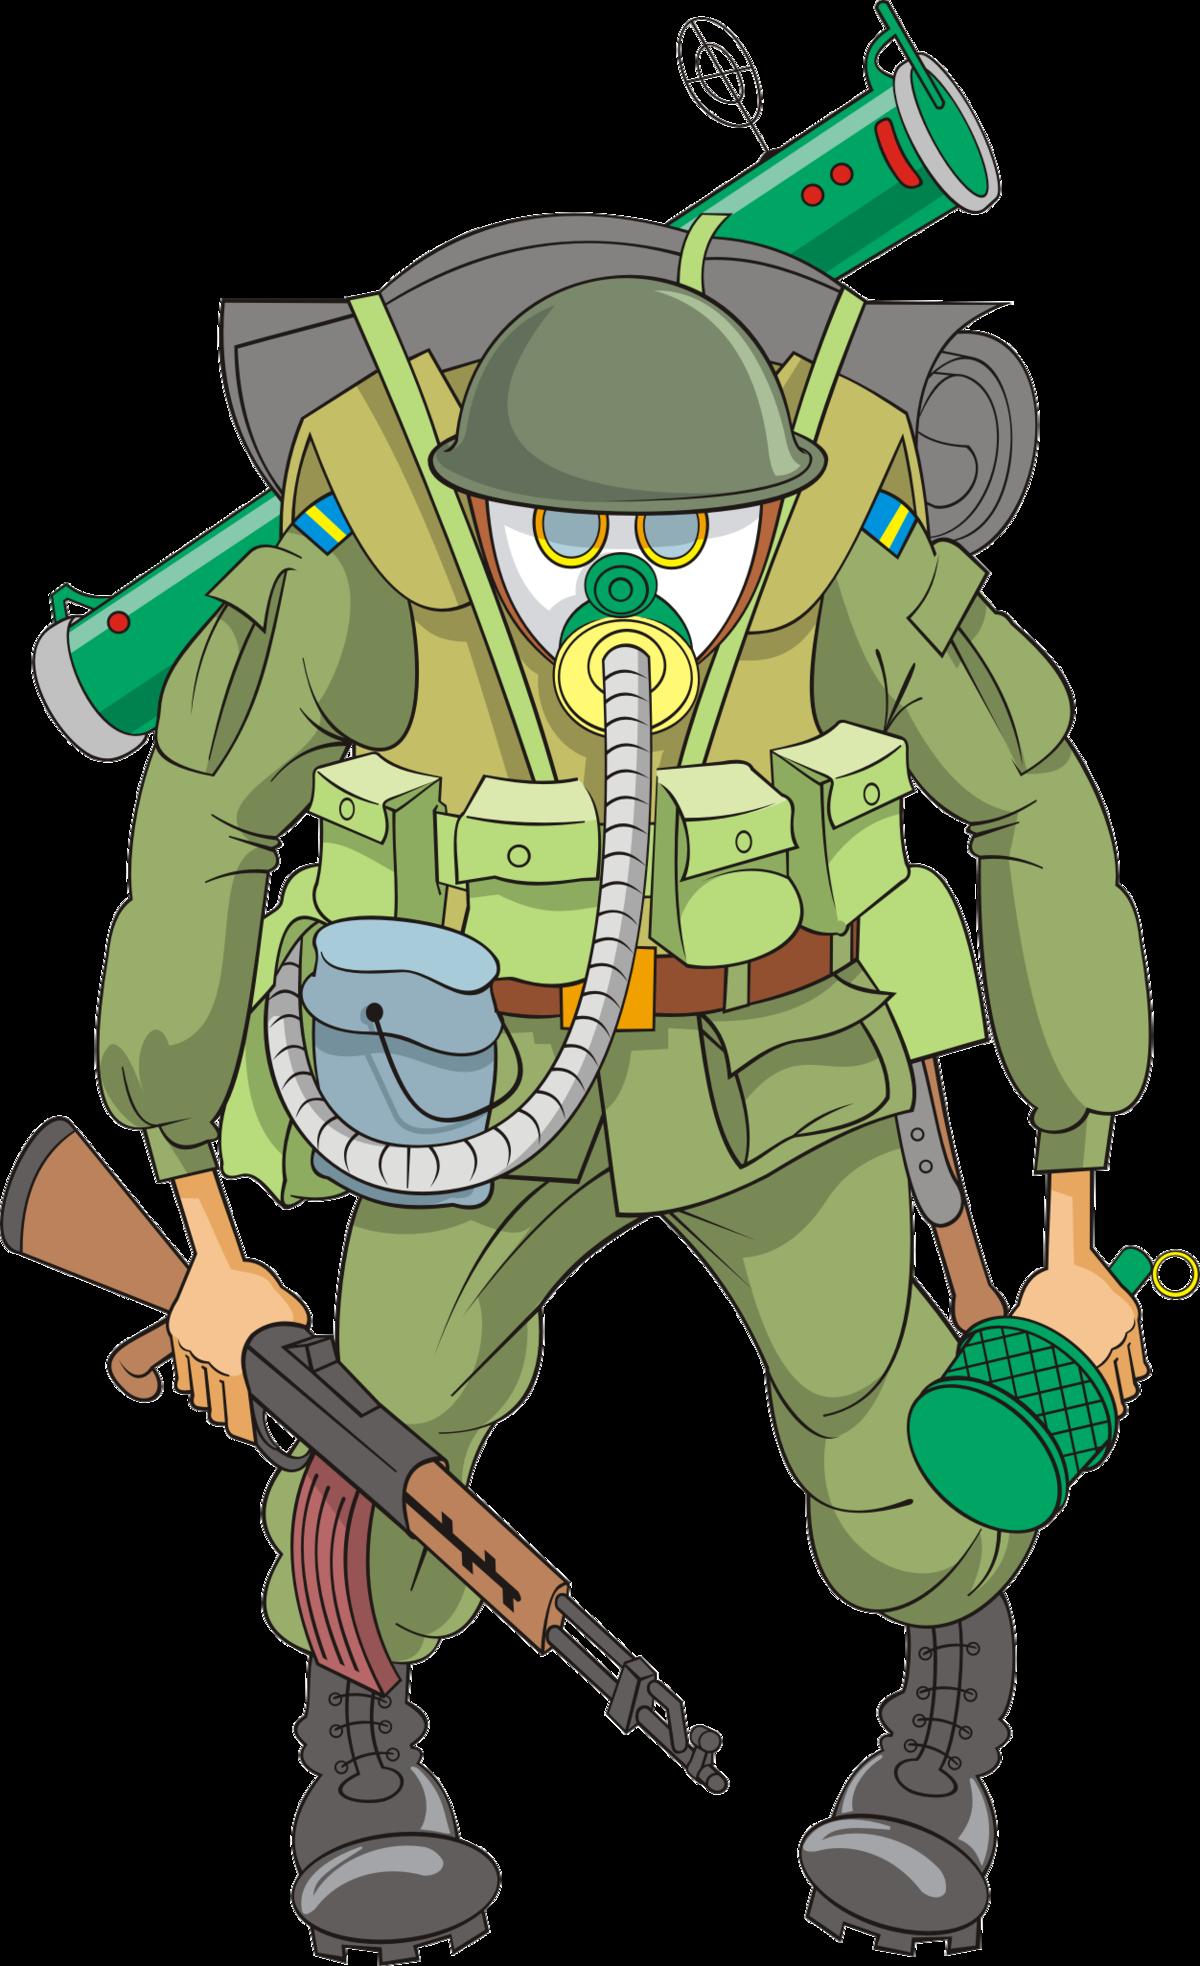 Картинки, картинки на армейскую тематику для парня